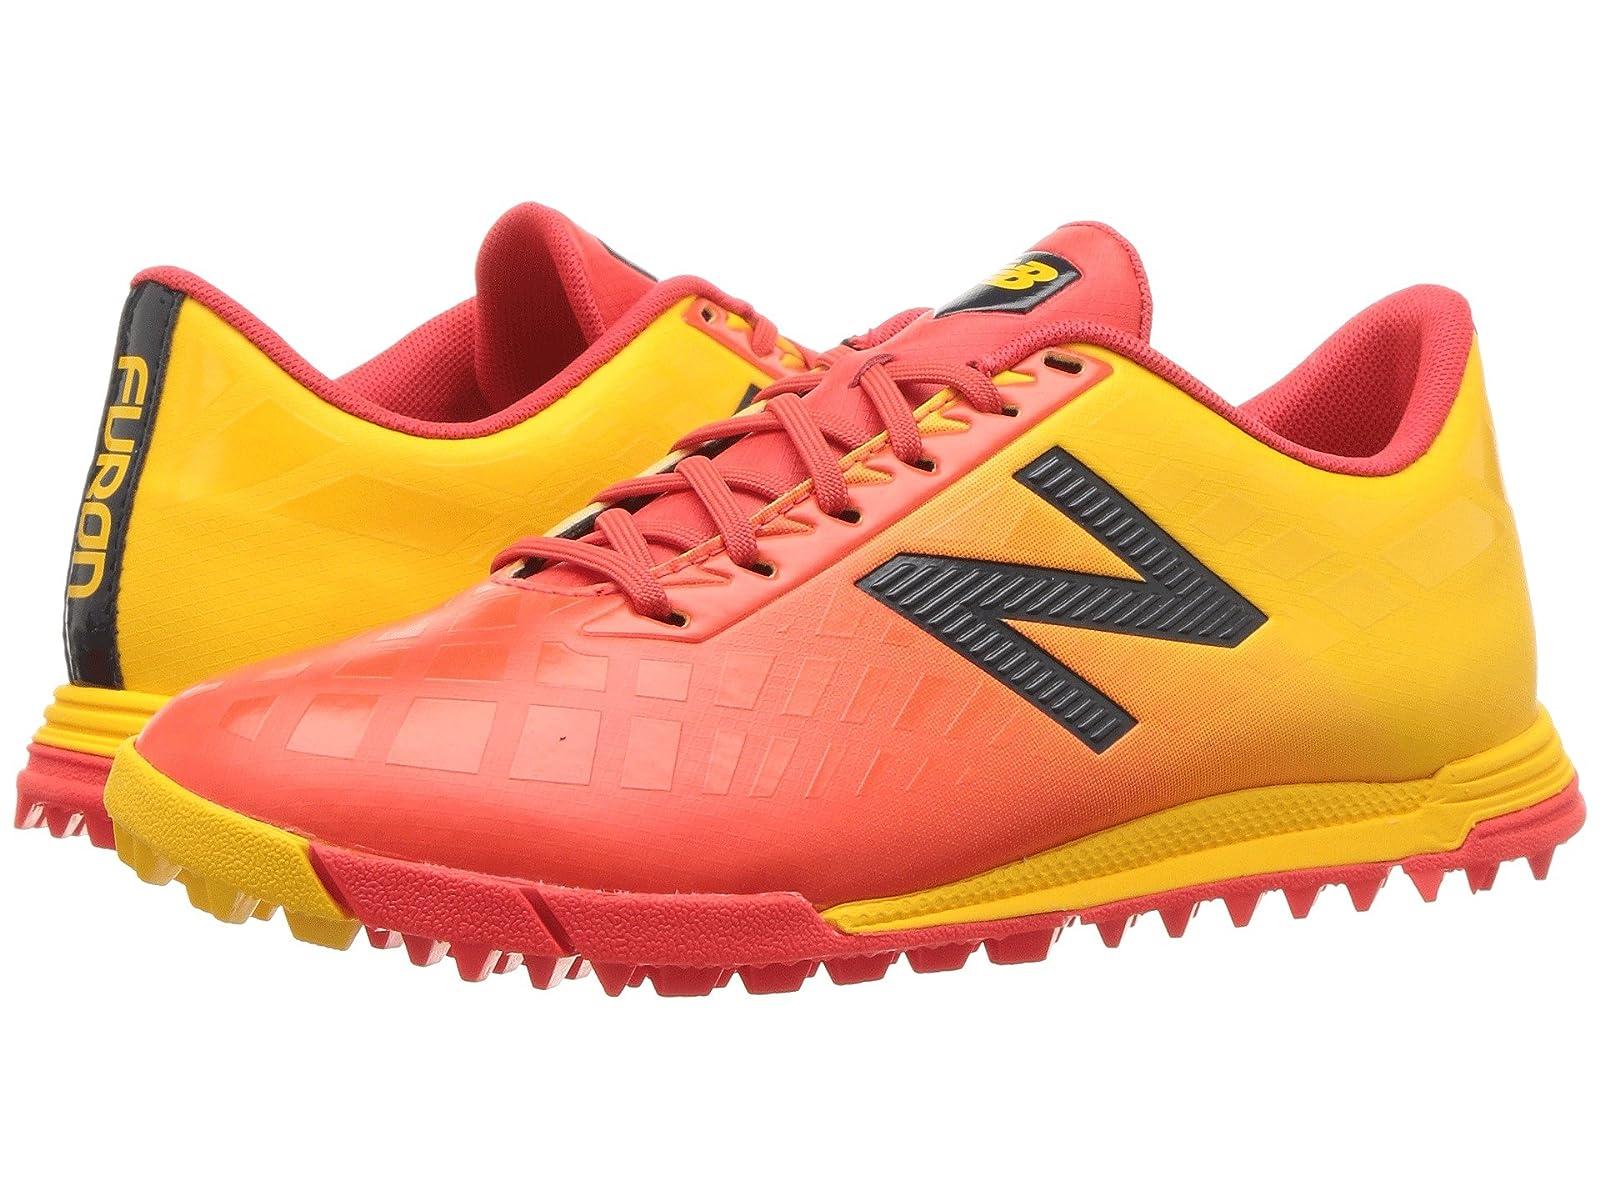 New Balance Kids JSFDTFv4 Soccer (Little Kid/Big Kid)Atmospheric grades have affordable shoes